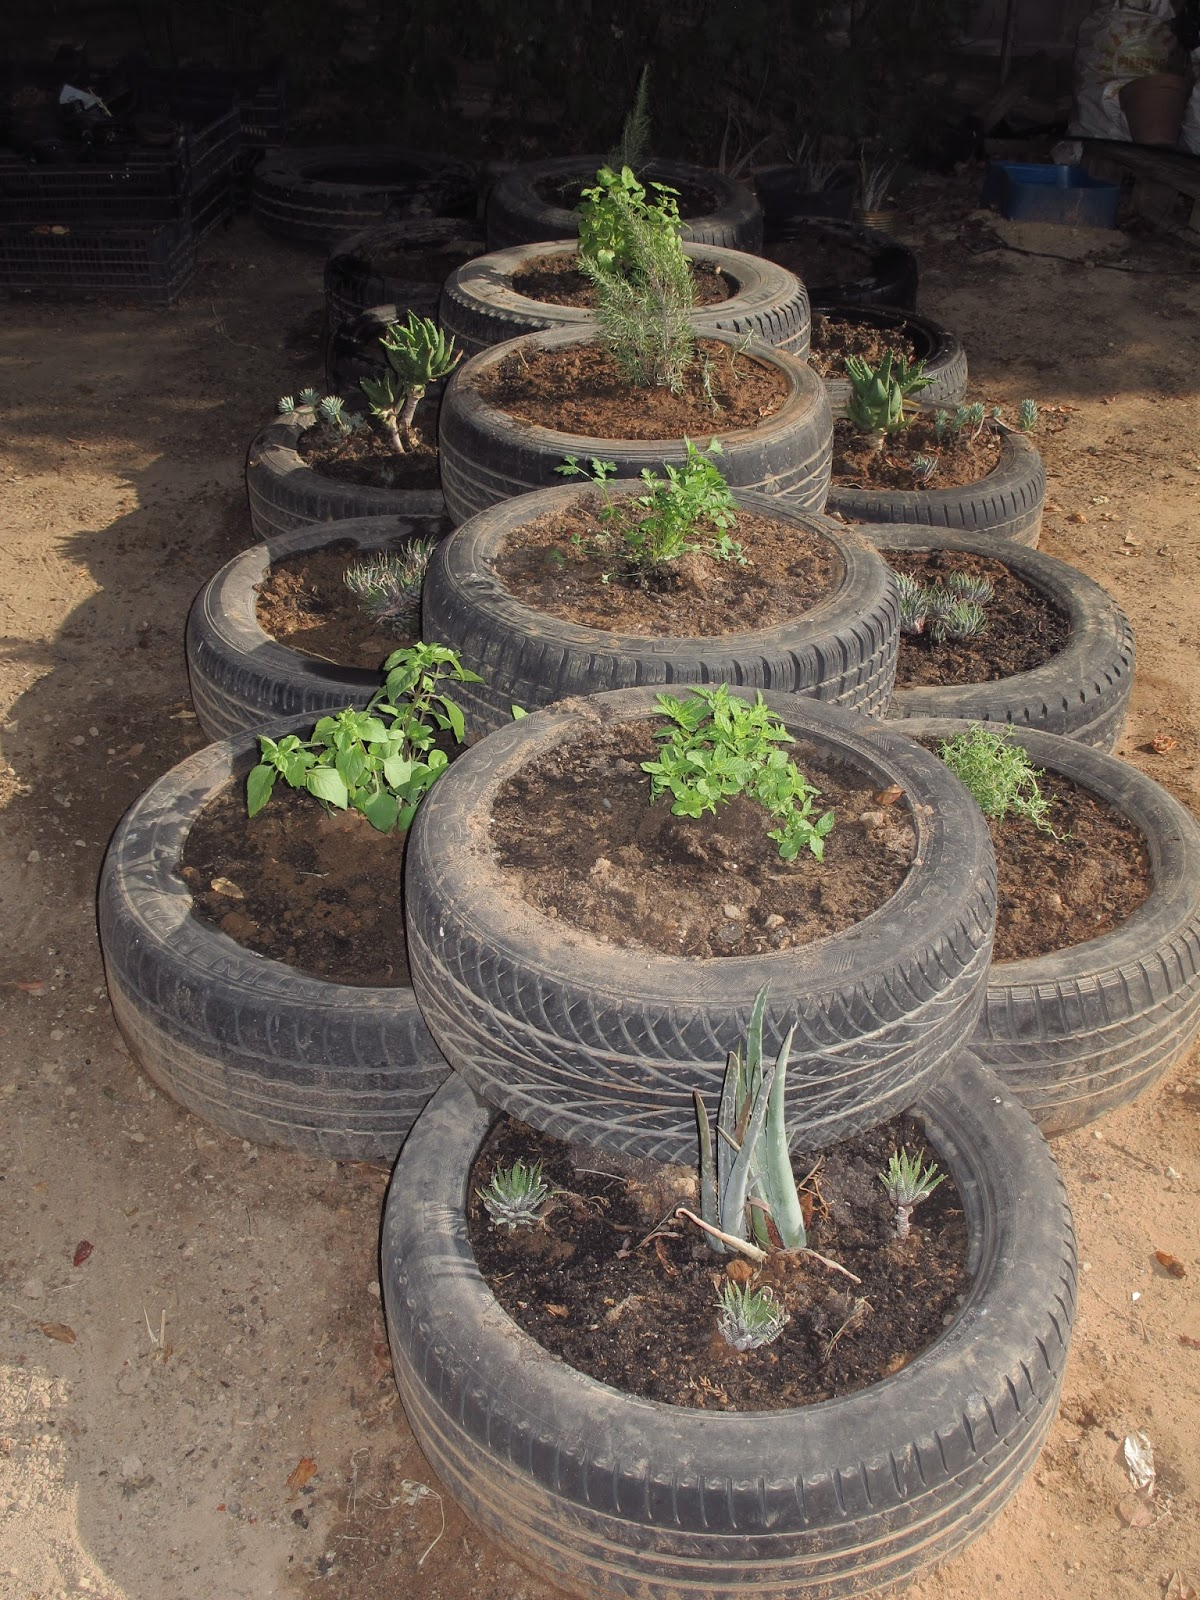 La huerta de mar a gonz lez plantas arom ticas y cactus for Jardin de plantas aromaticas